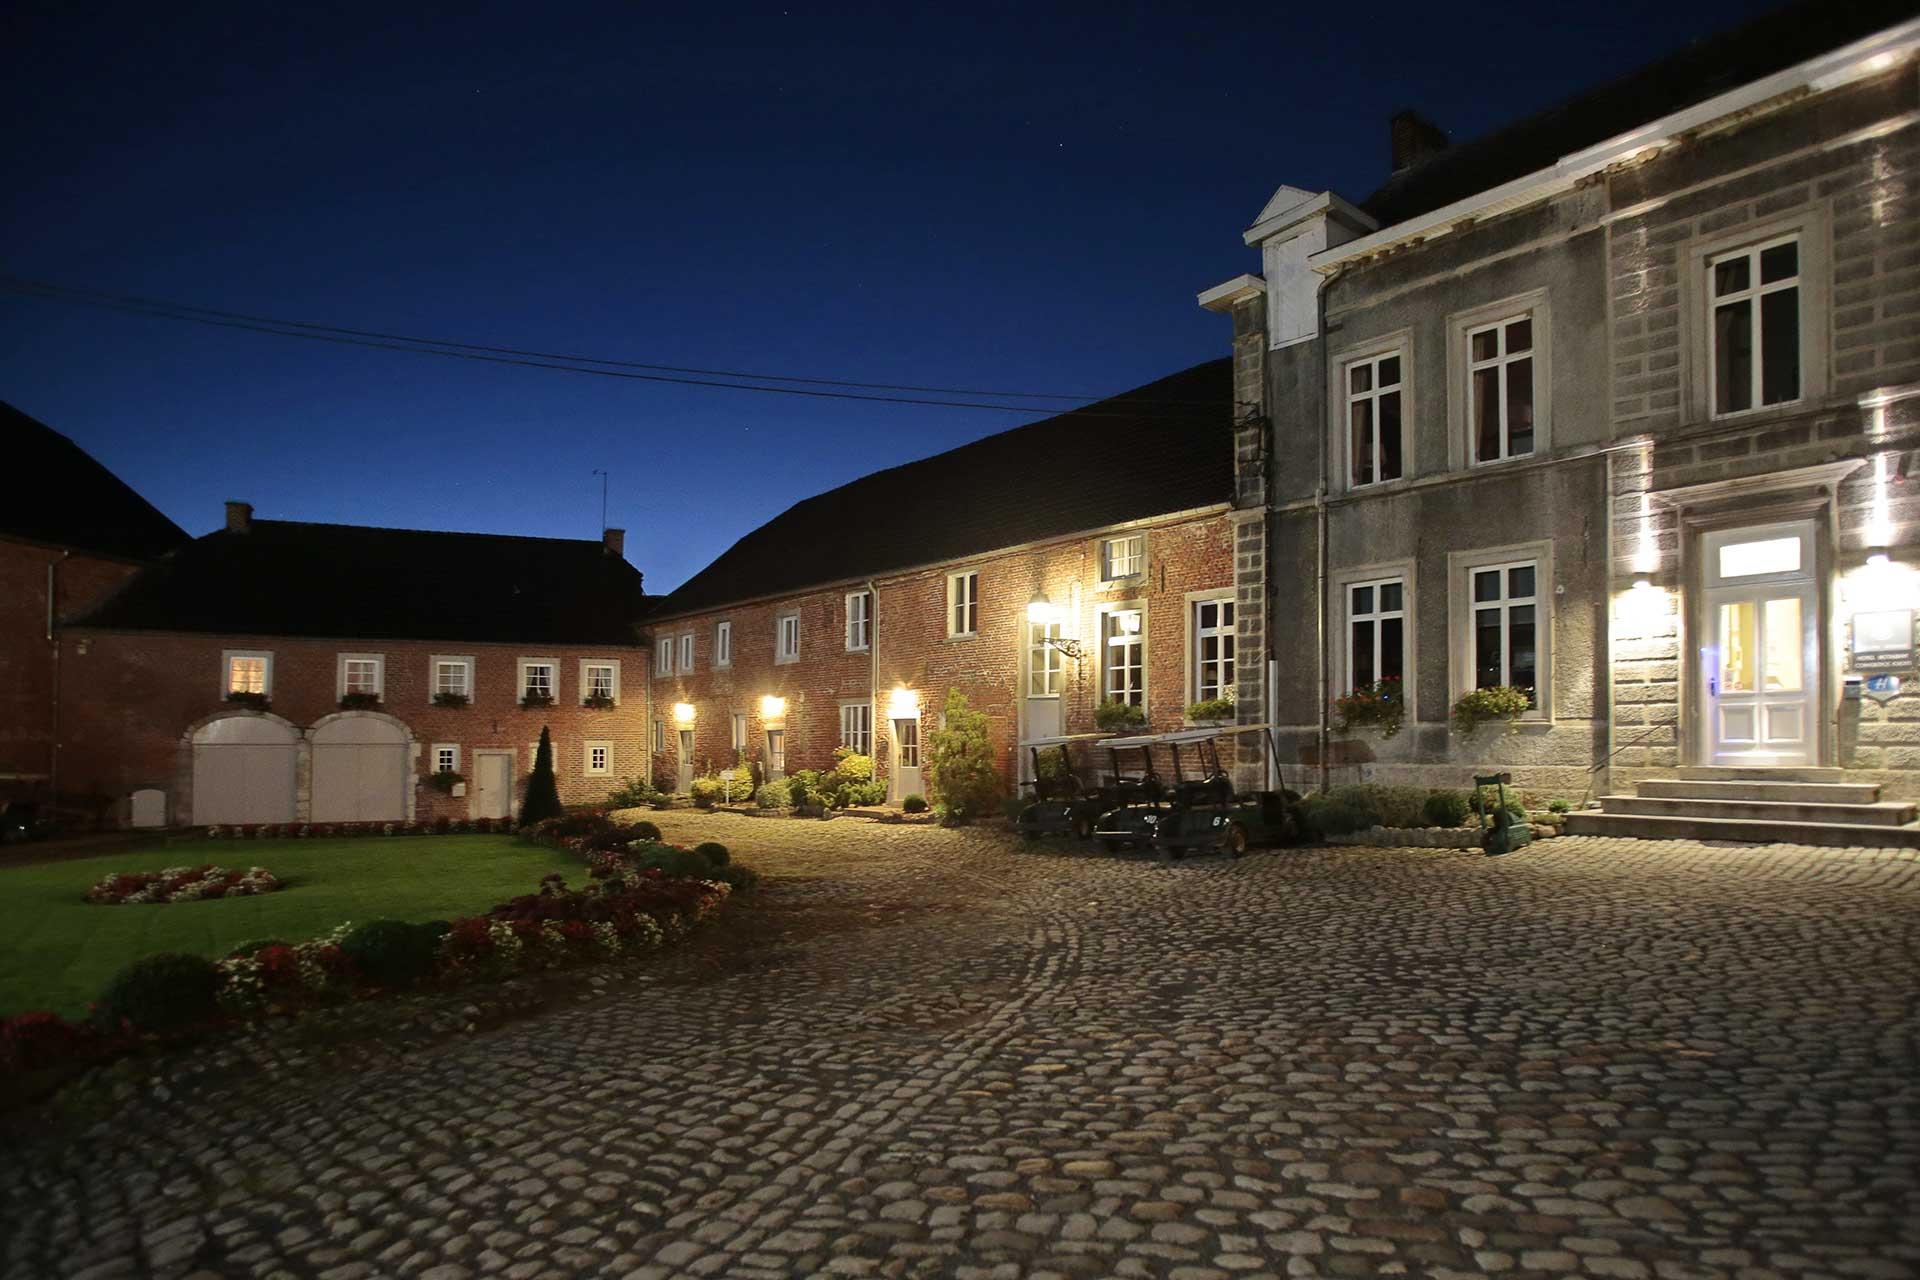 Golfexpedition-Golfreizen-België-Brussel-Pierpont-courtyard-by-night